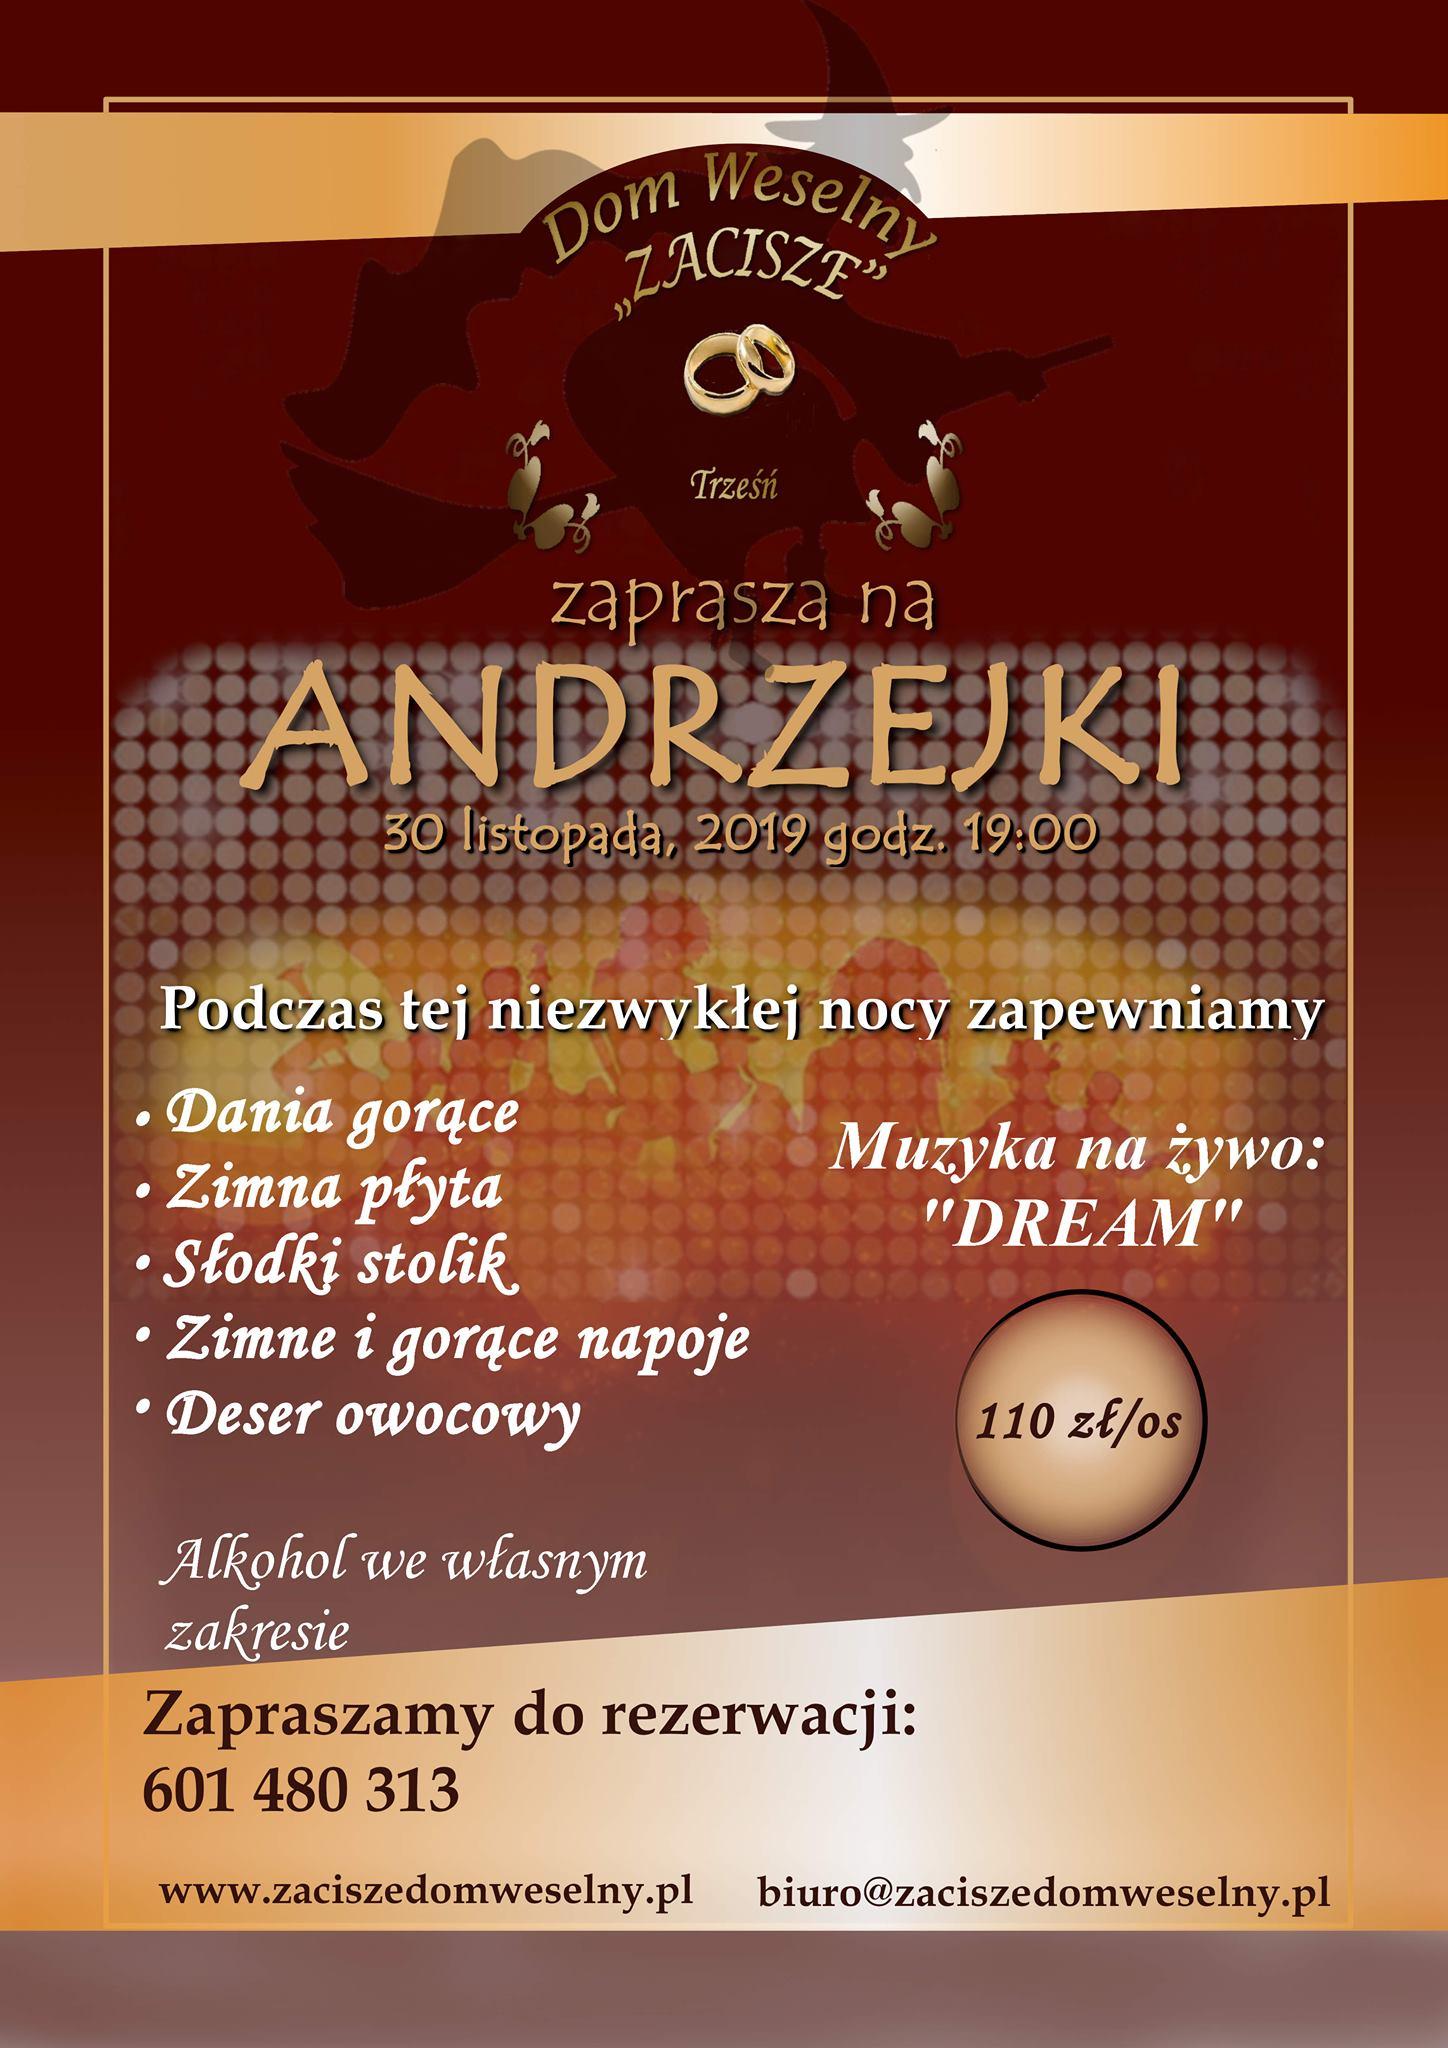 Dom Weselny Zacisze Andrzejki 2019